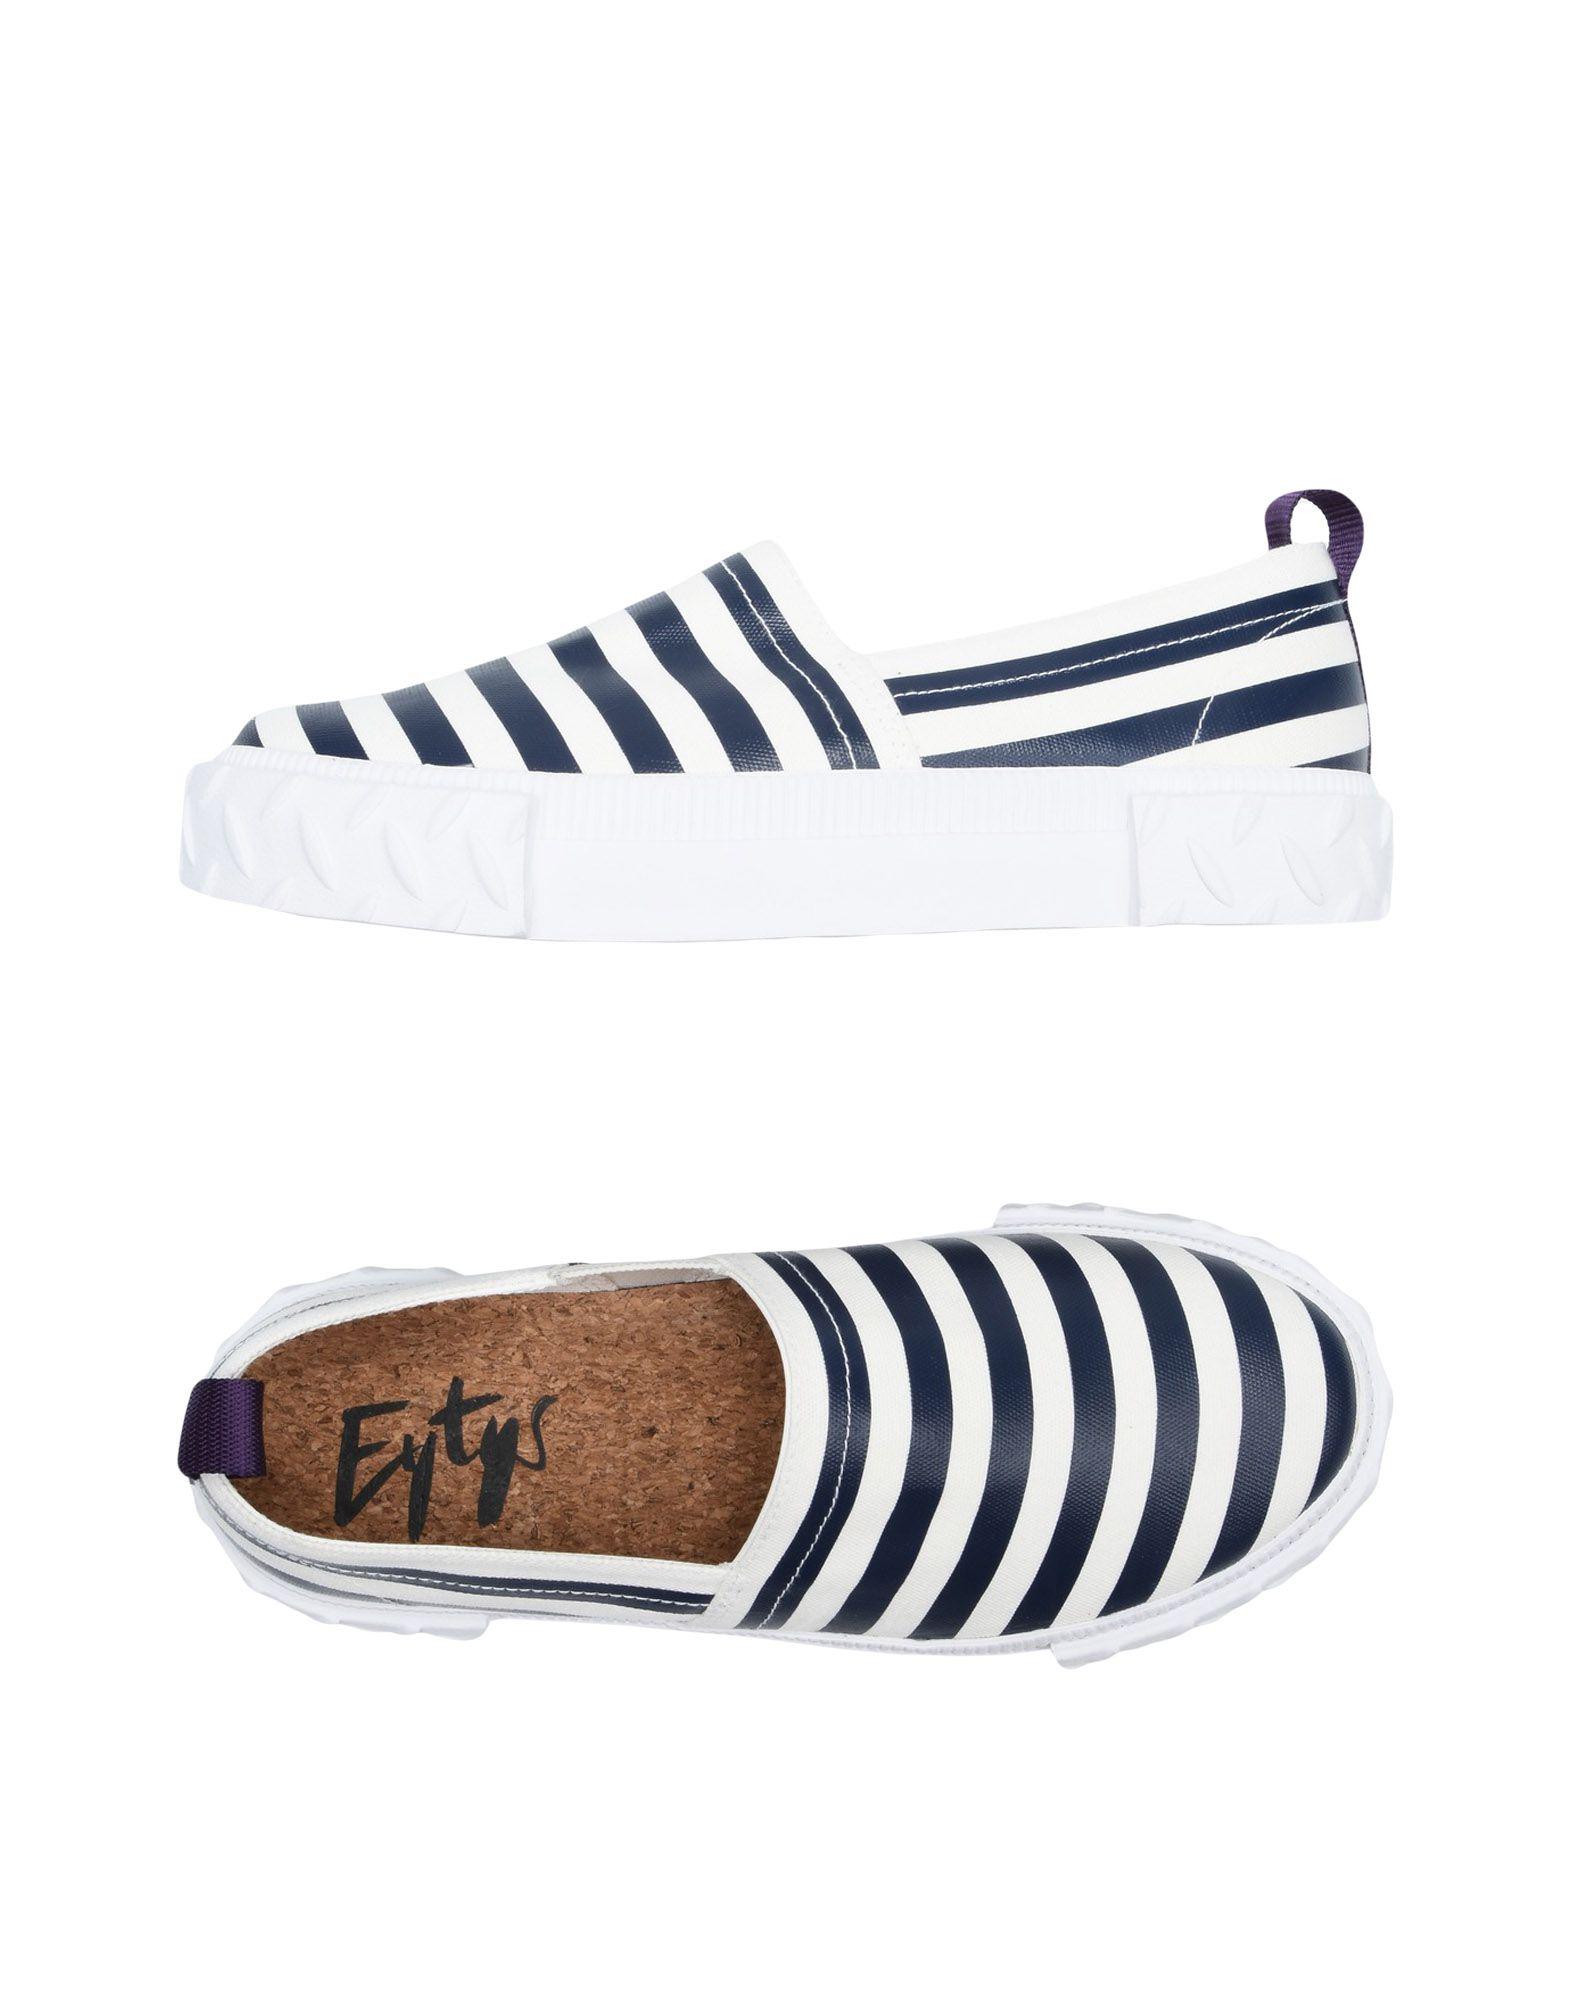 Eytys Sneakers Damen  11464608OP Gute Qualität beliebte Schuhe